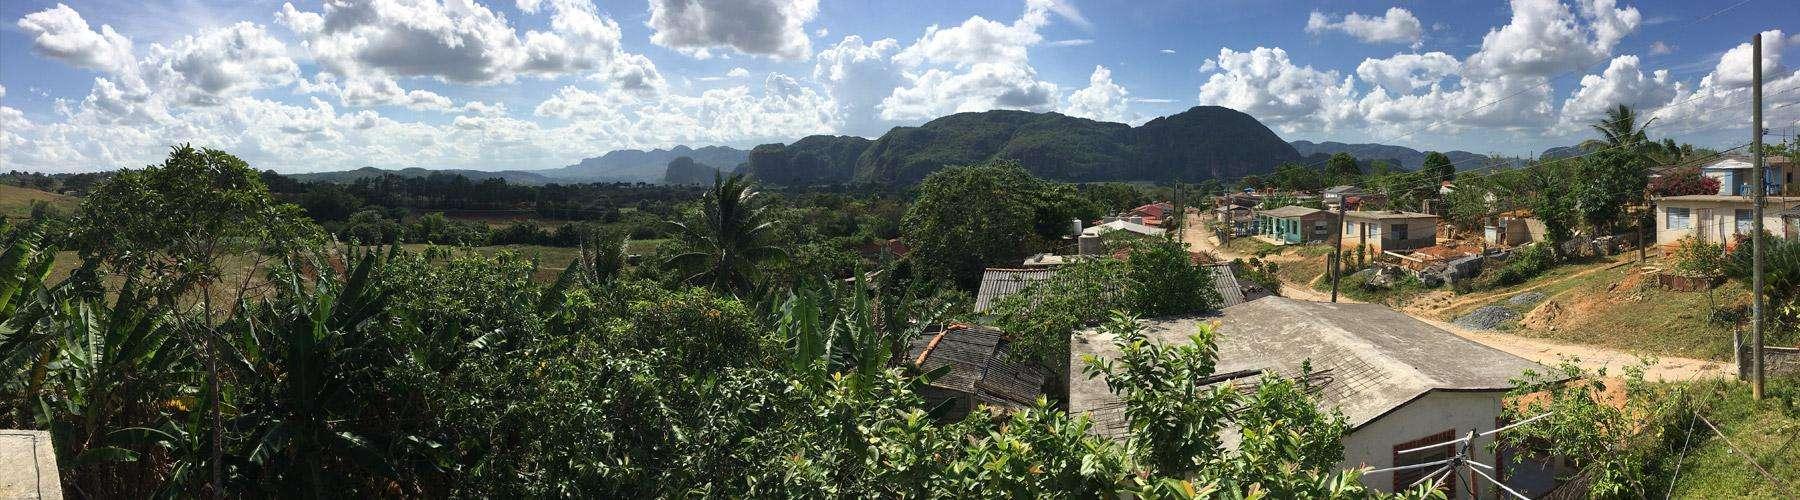 Het uitzicht van onze casa particular in Viñales.